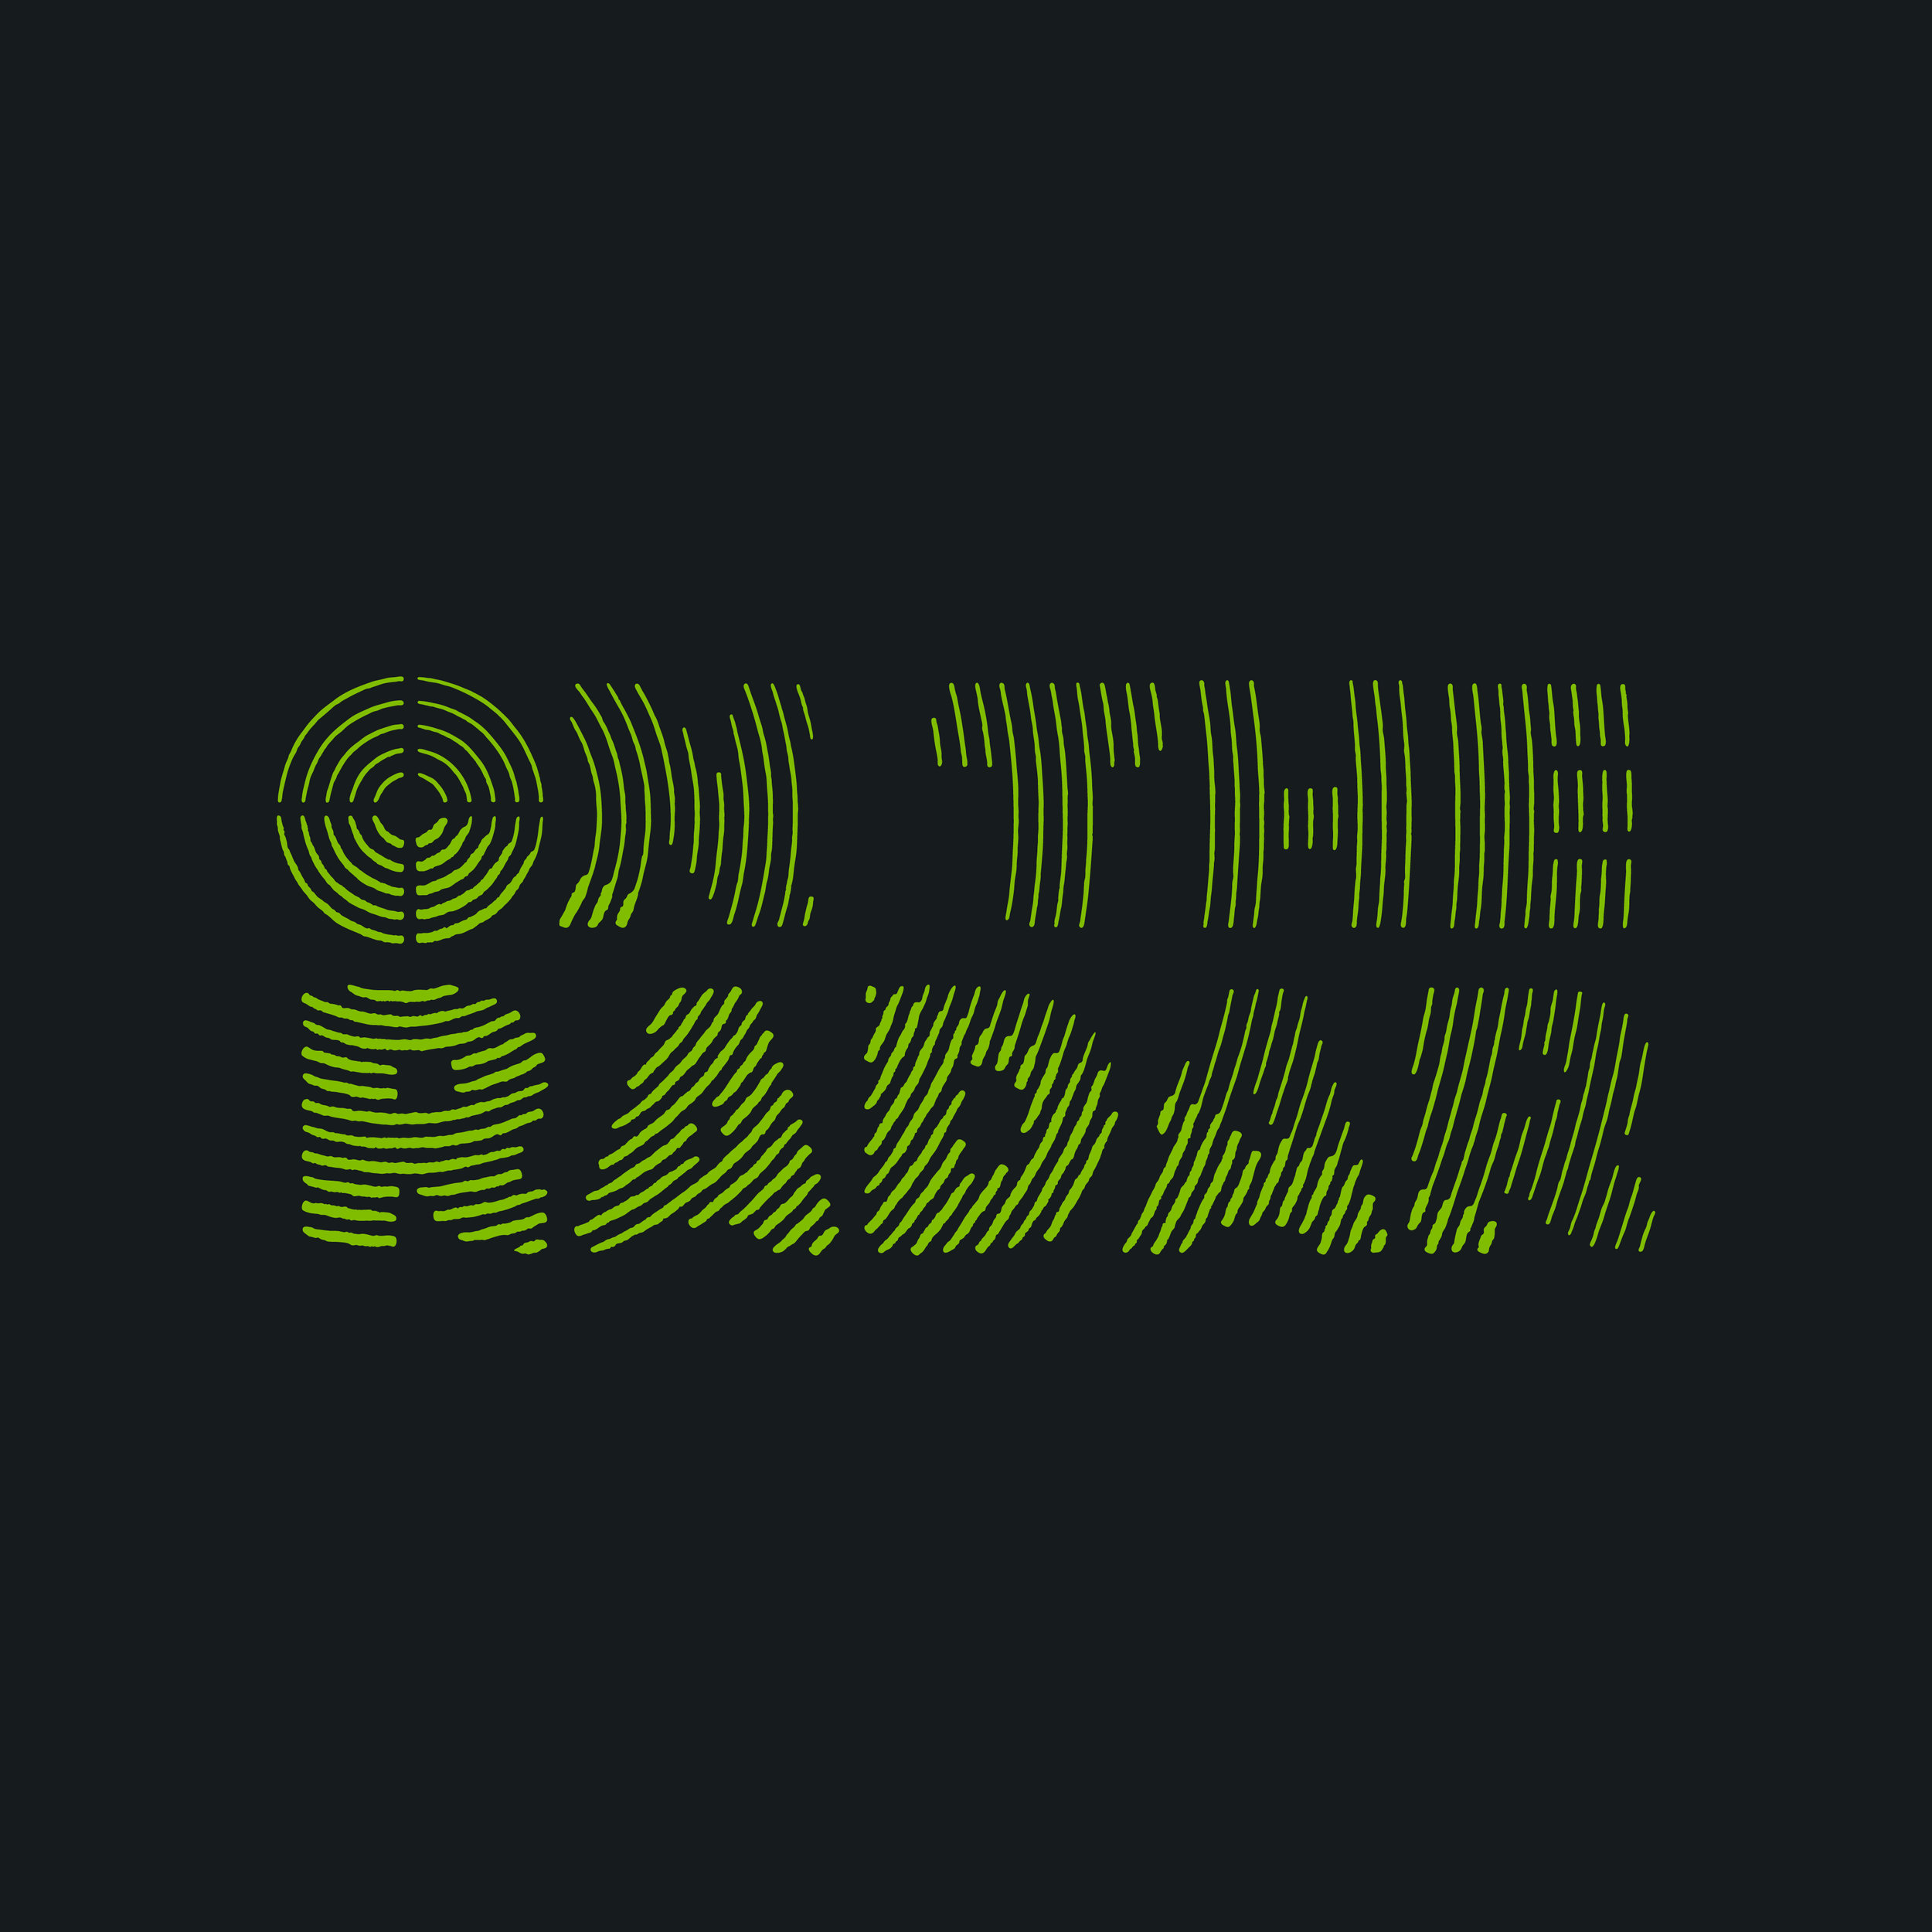 JP_How_On-the-Radar_01.jpg